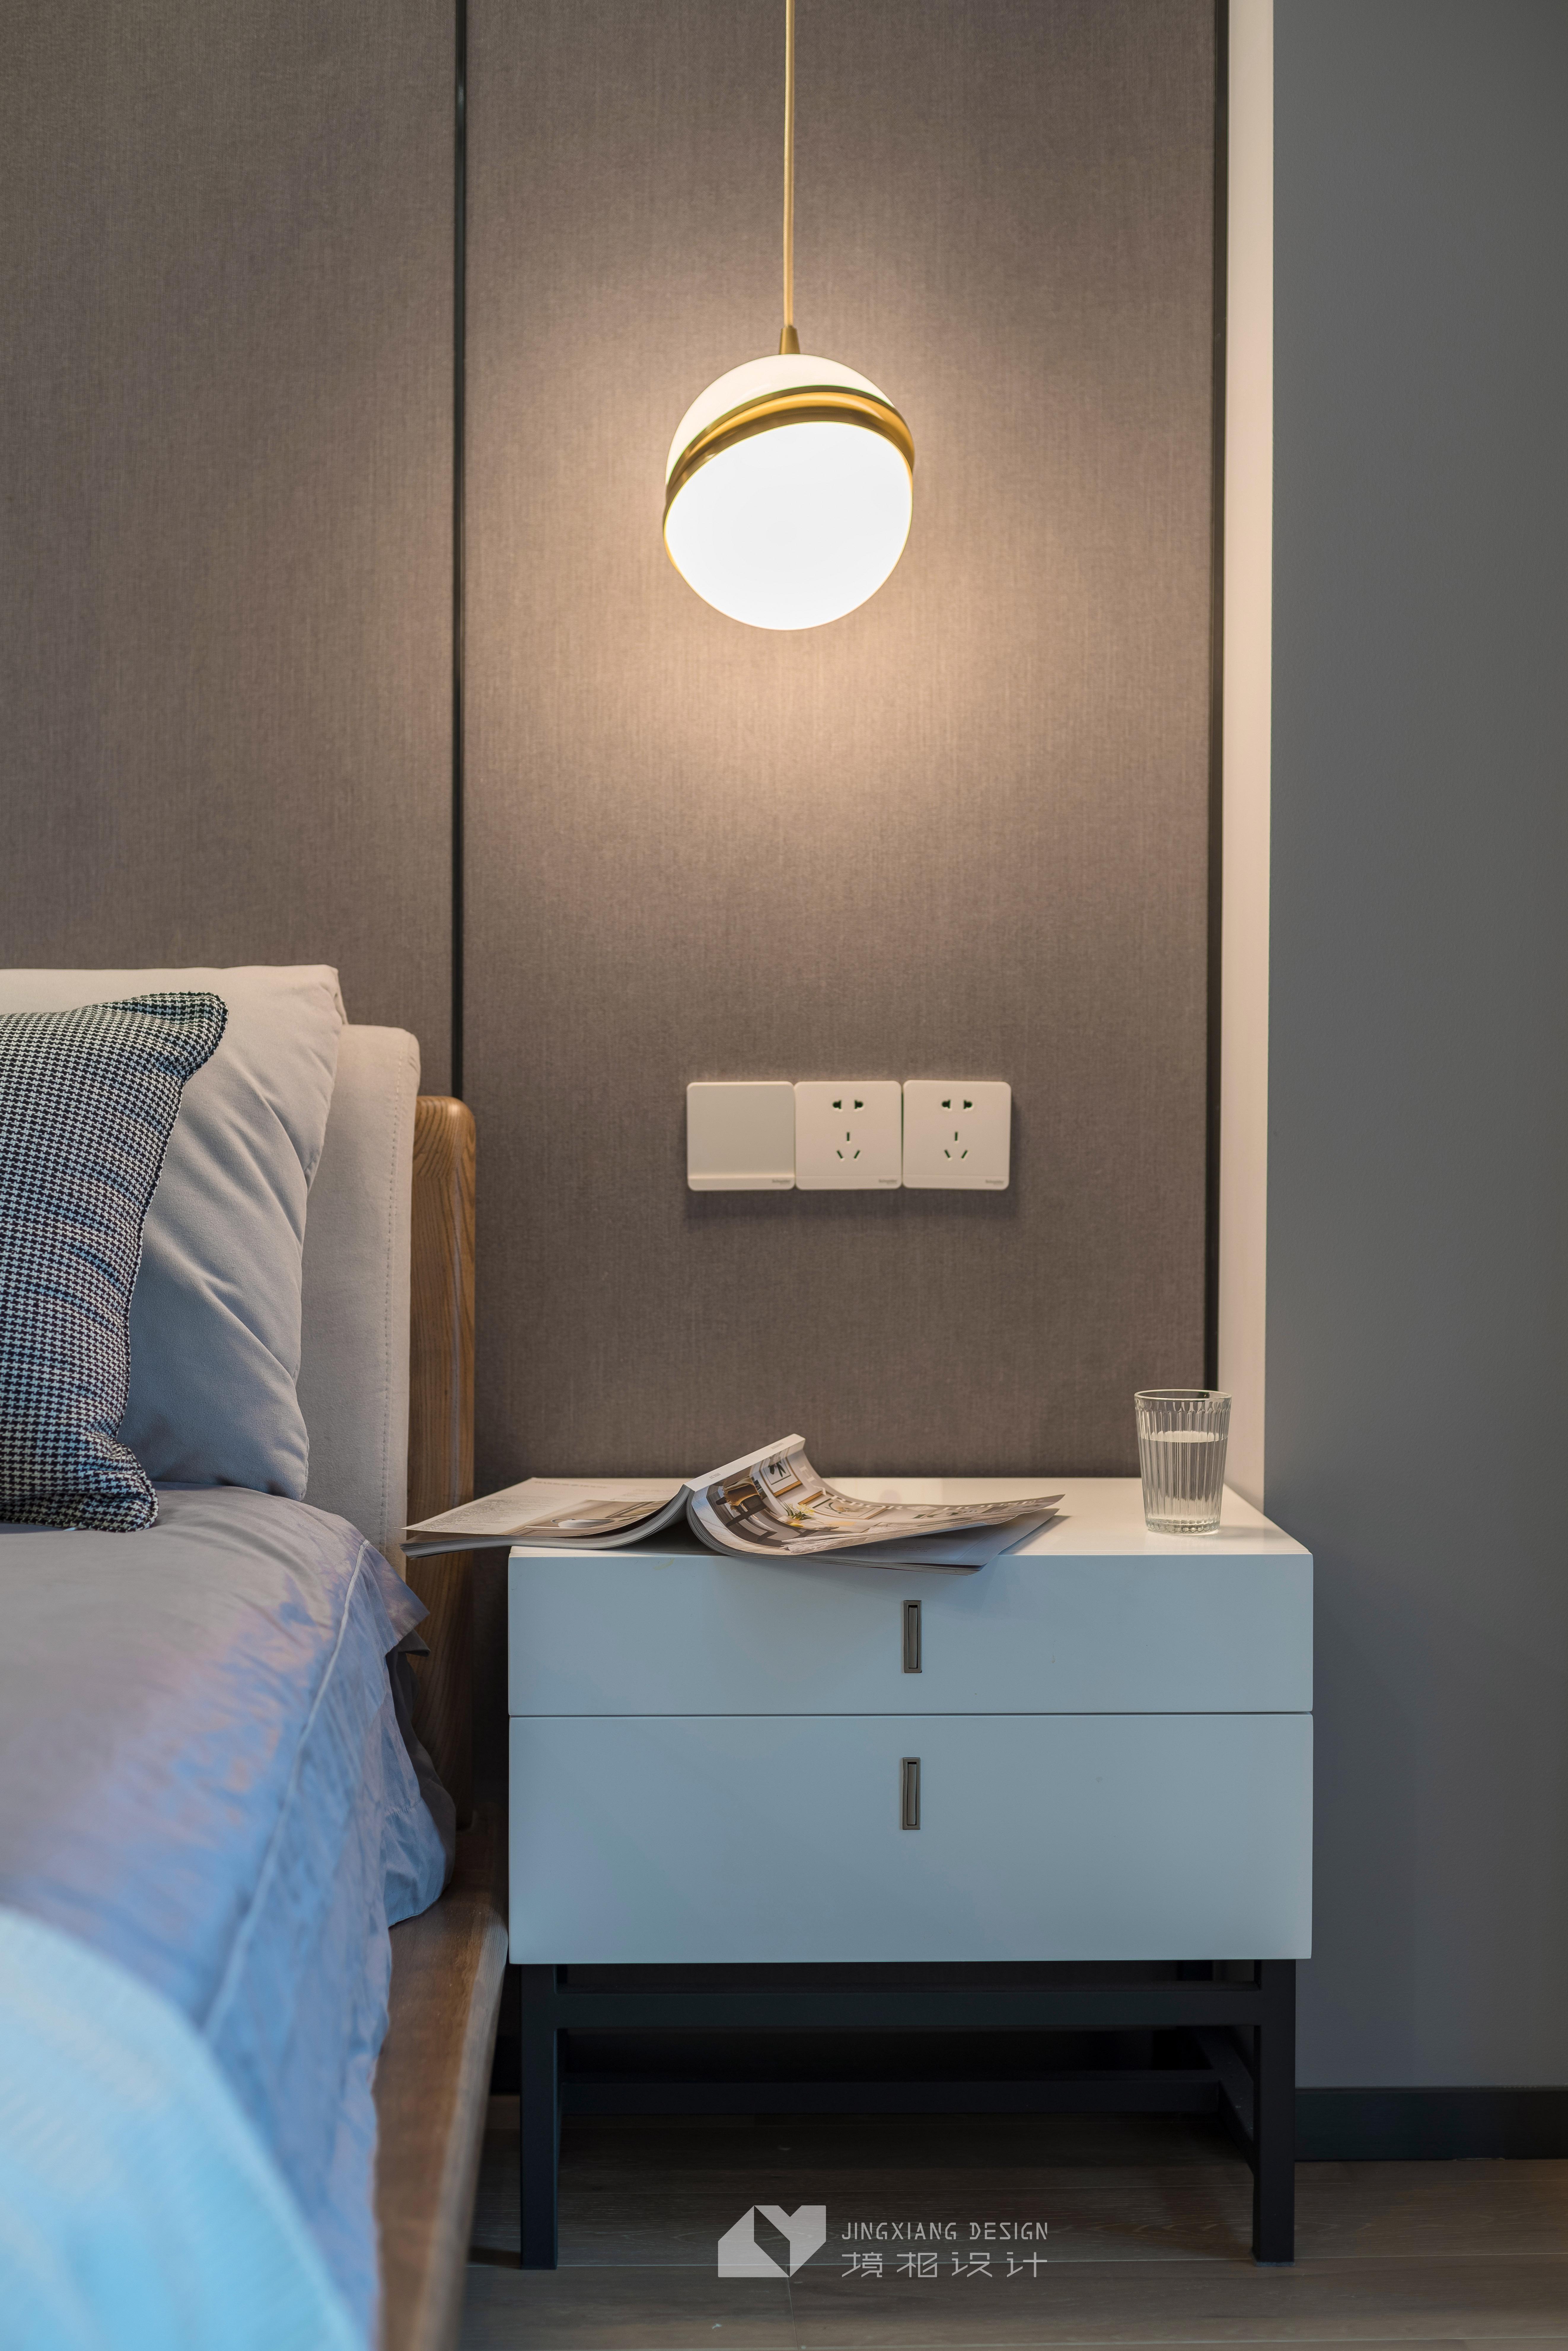 静谧现代卧室吊灯图片卧室